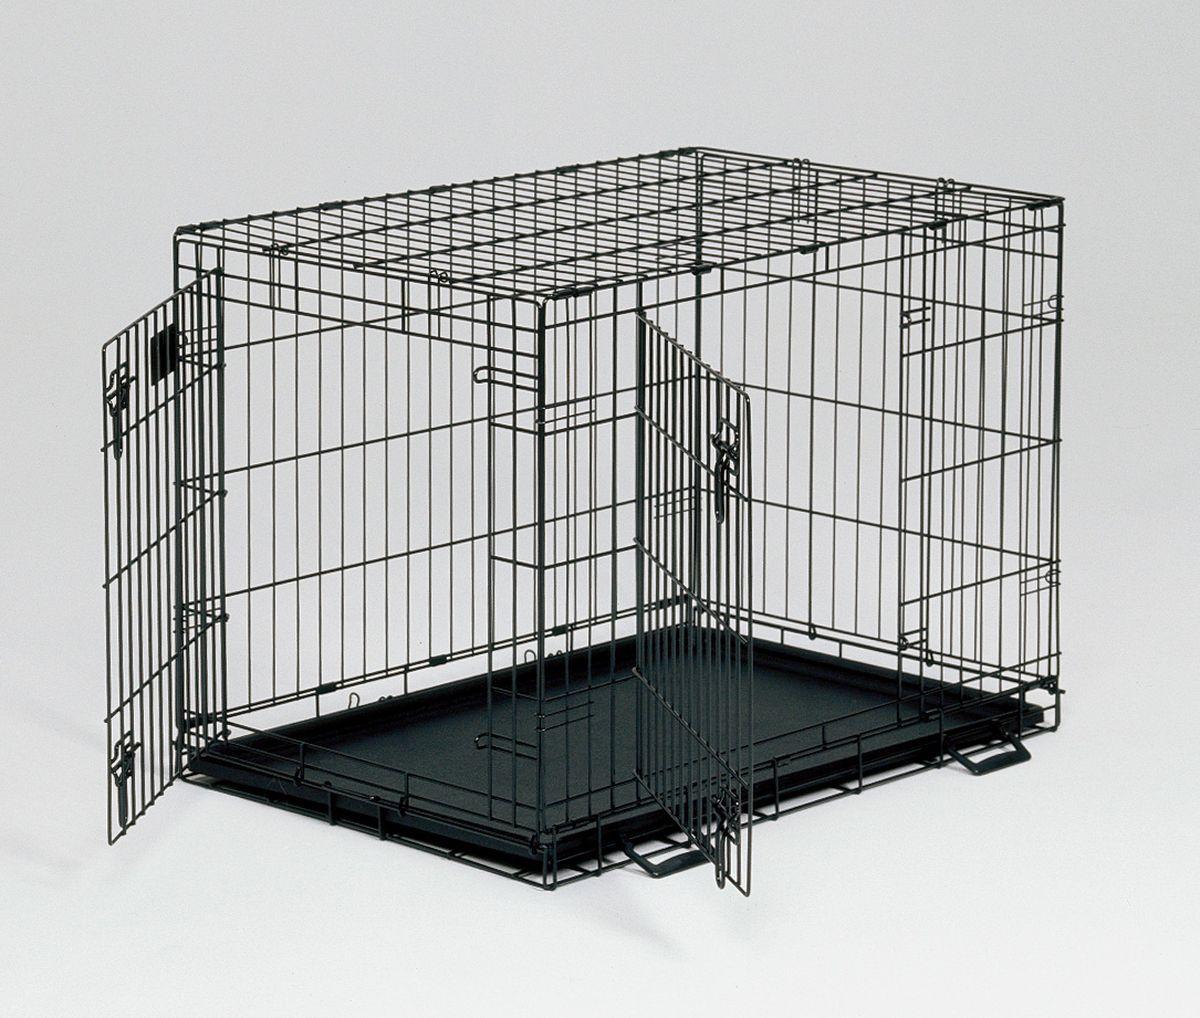 Клетка Midwest Life Stage, 2 двери ,76 x 53 x 61 см0120710Клетка Midwest  Life Stag A.C.E. разработана специально для транспортировки средних и крупных собак. Закругленная угловая защита обеспечивает безопасность питомцам и людям. Клетка из нержавеющей стали оснащена: - двумя надежными дверками; - безопасным двойным замком (задвижка закрывает и снаружи и внутри); - прочным пластиковым поддоном, который не повреждает поверхность, на которой размещается; - разделяющей панелью, обеспечивающей создание универсальных отсеков; - качественными ручками для переноски питомца.Размер клетки (ДхШхВ): 76 x 53 x 61 см. Вес конструкции: 9,5 кг.Товар сертифицирован.